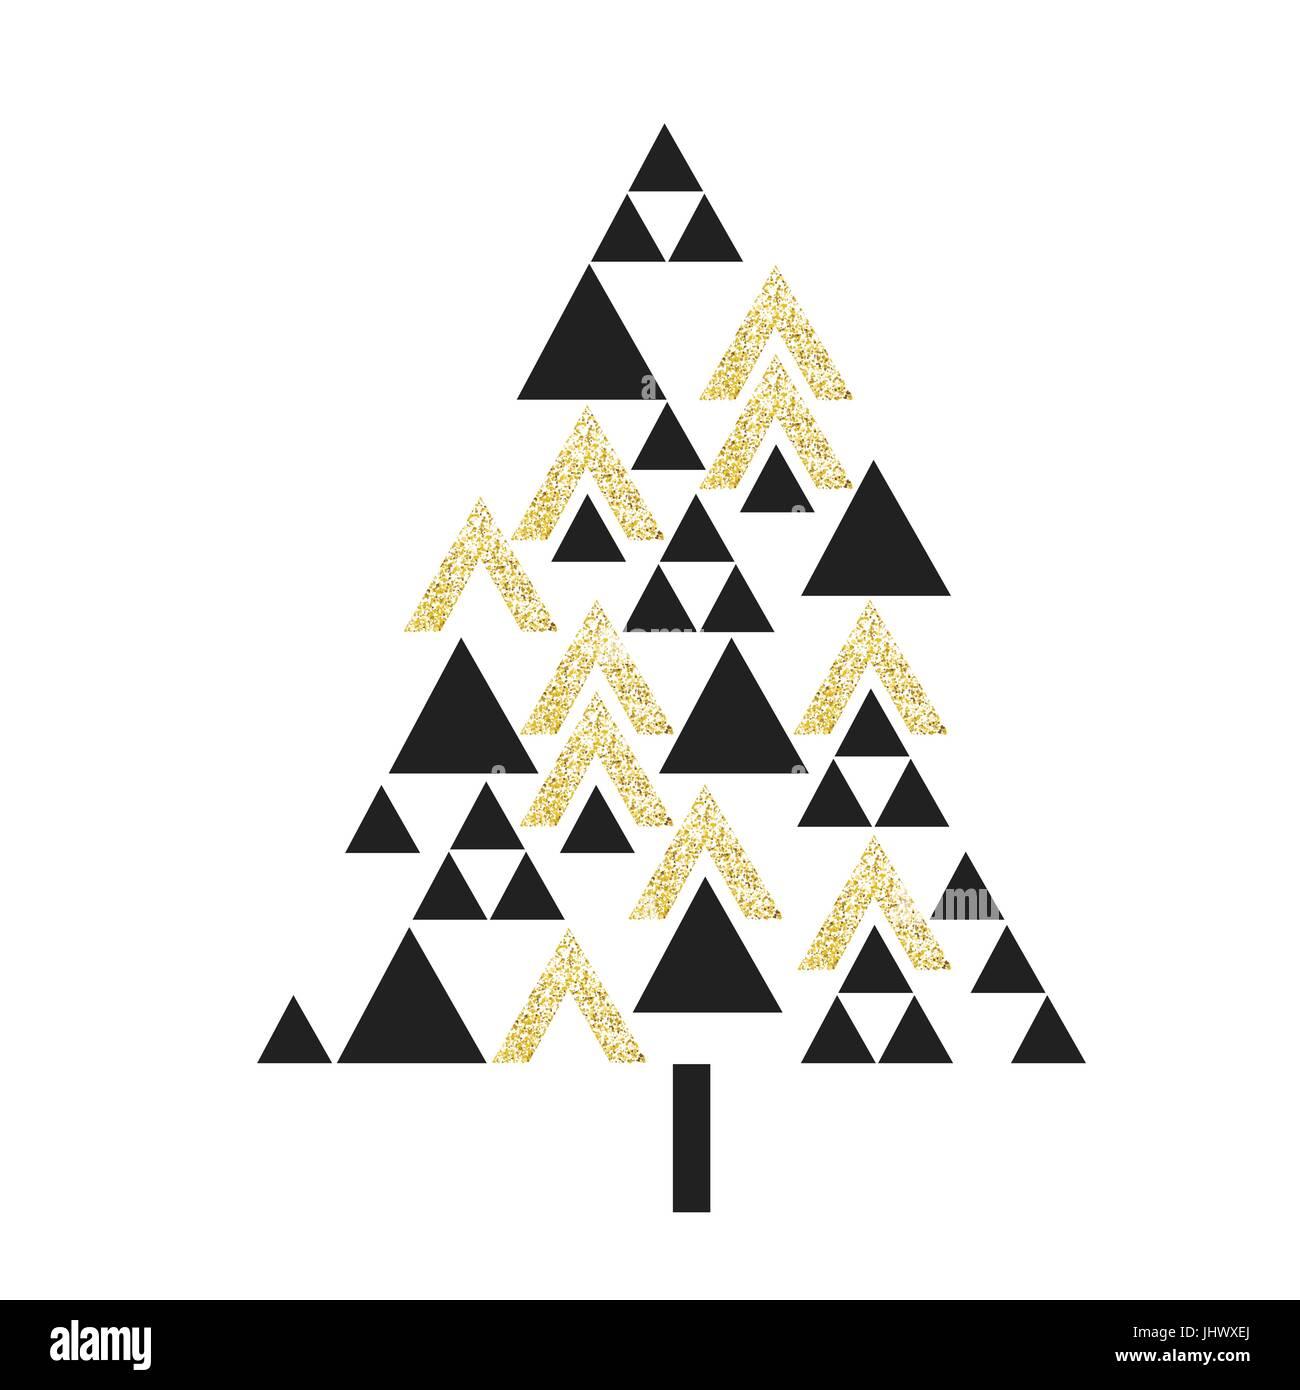 Ausgezeichnet Weihnachtsbaum Zeichnung Vorlage Ideen ...